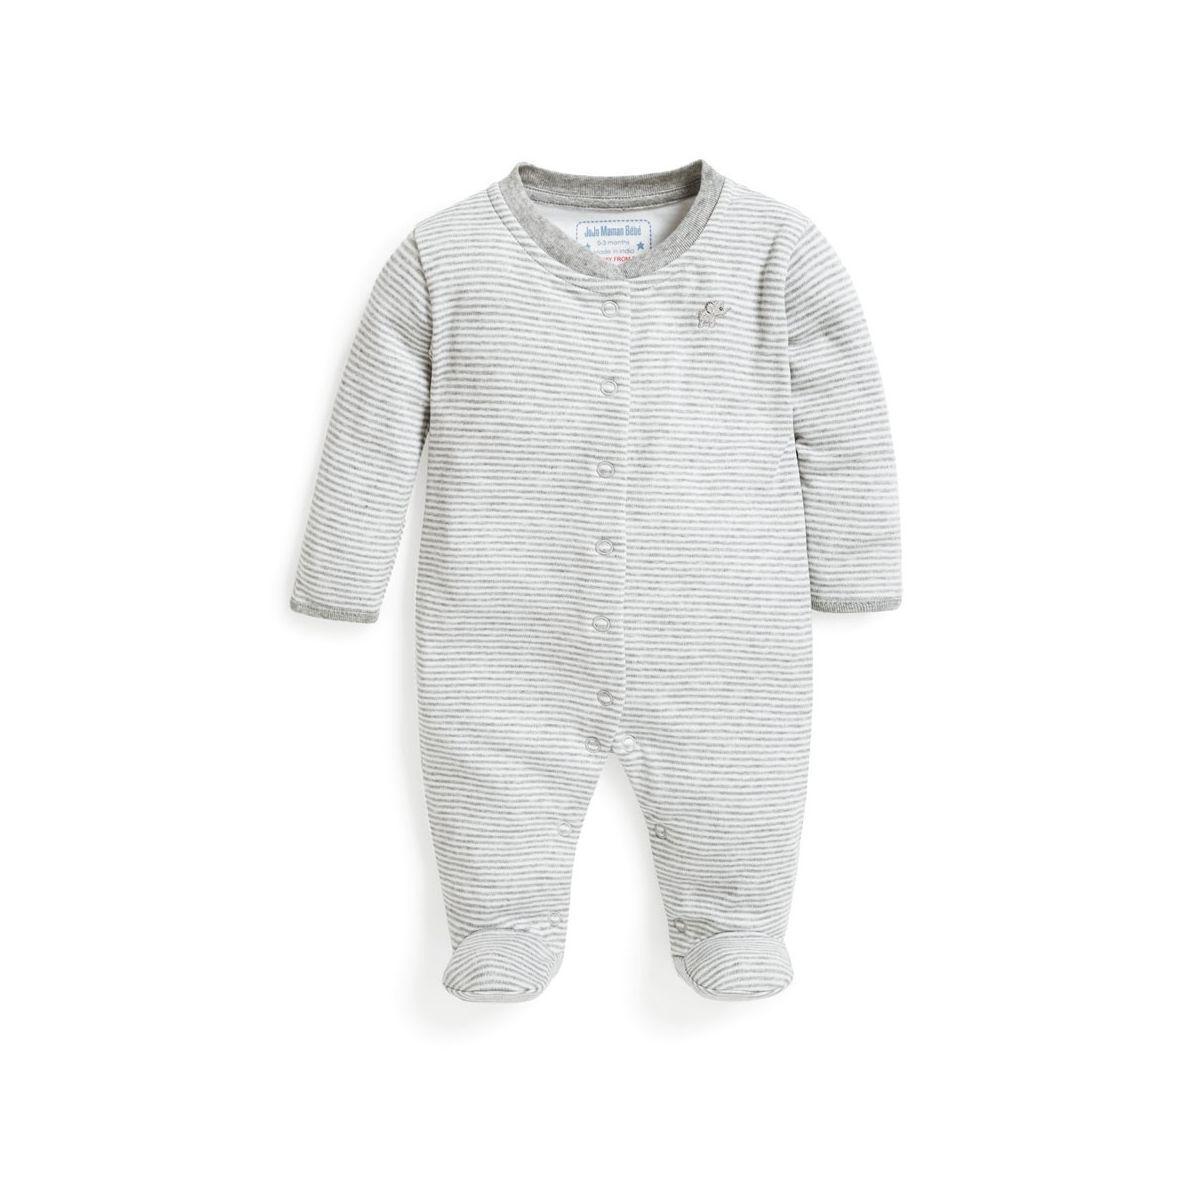 Chaqueta y Pijama para Bebé Estampado Elefantes - ShopMami 3d4a4149b17